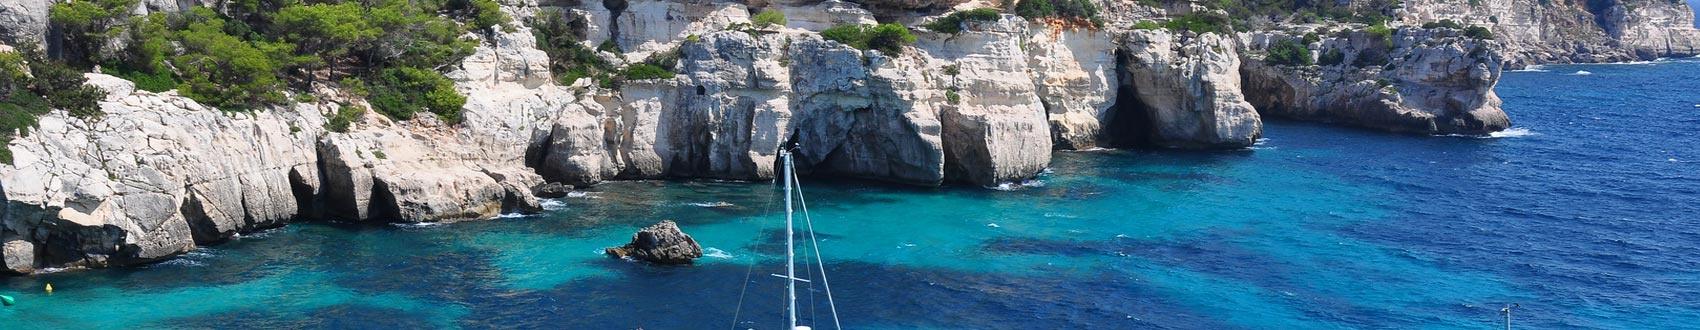 Poczuj energiê Qi - Czartery Jachtów i Rejsy Morskie Last Minute Jachtem na Morzu ¦ródziemnym TUI | Geo-Sail